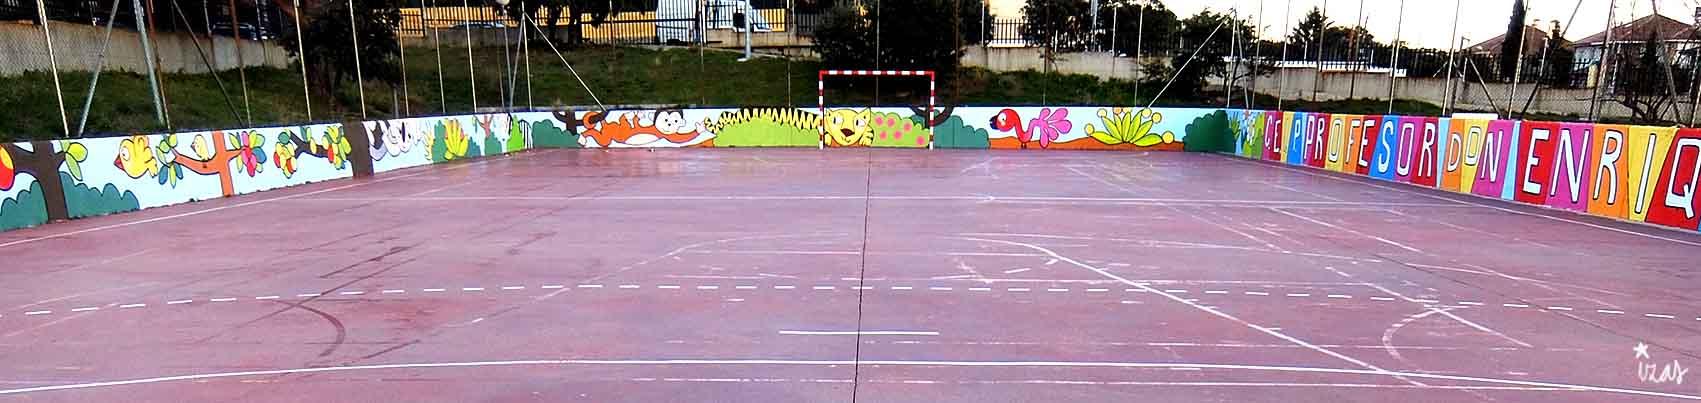 mural izas tierno galván multiusos 1